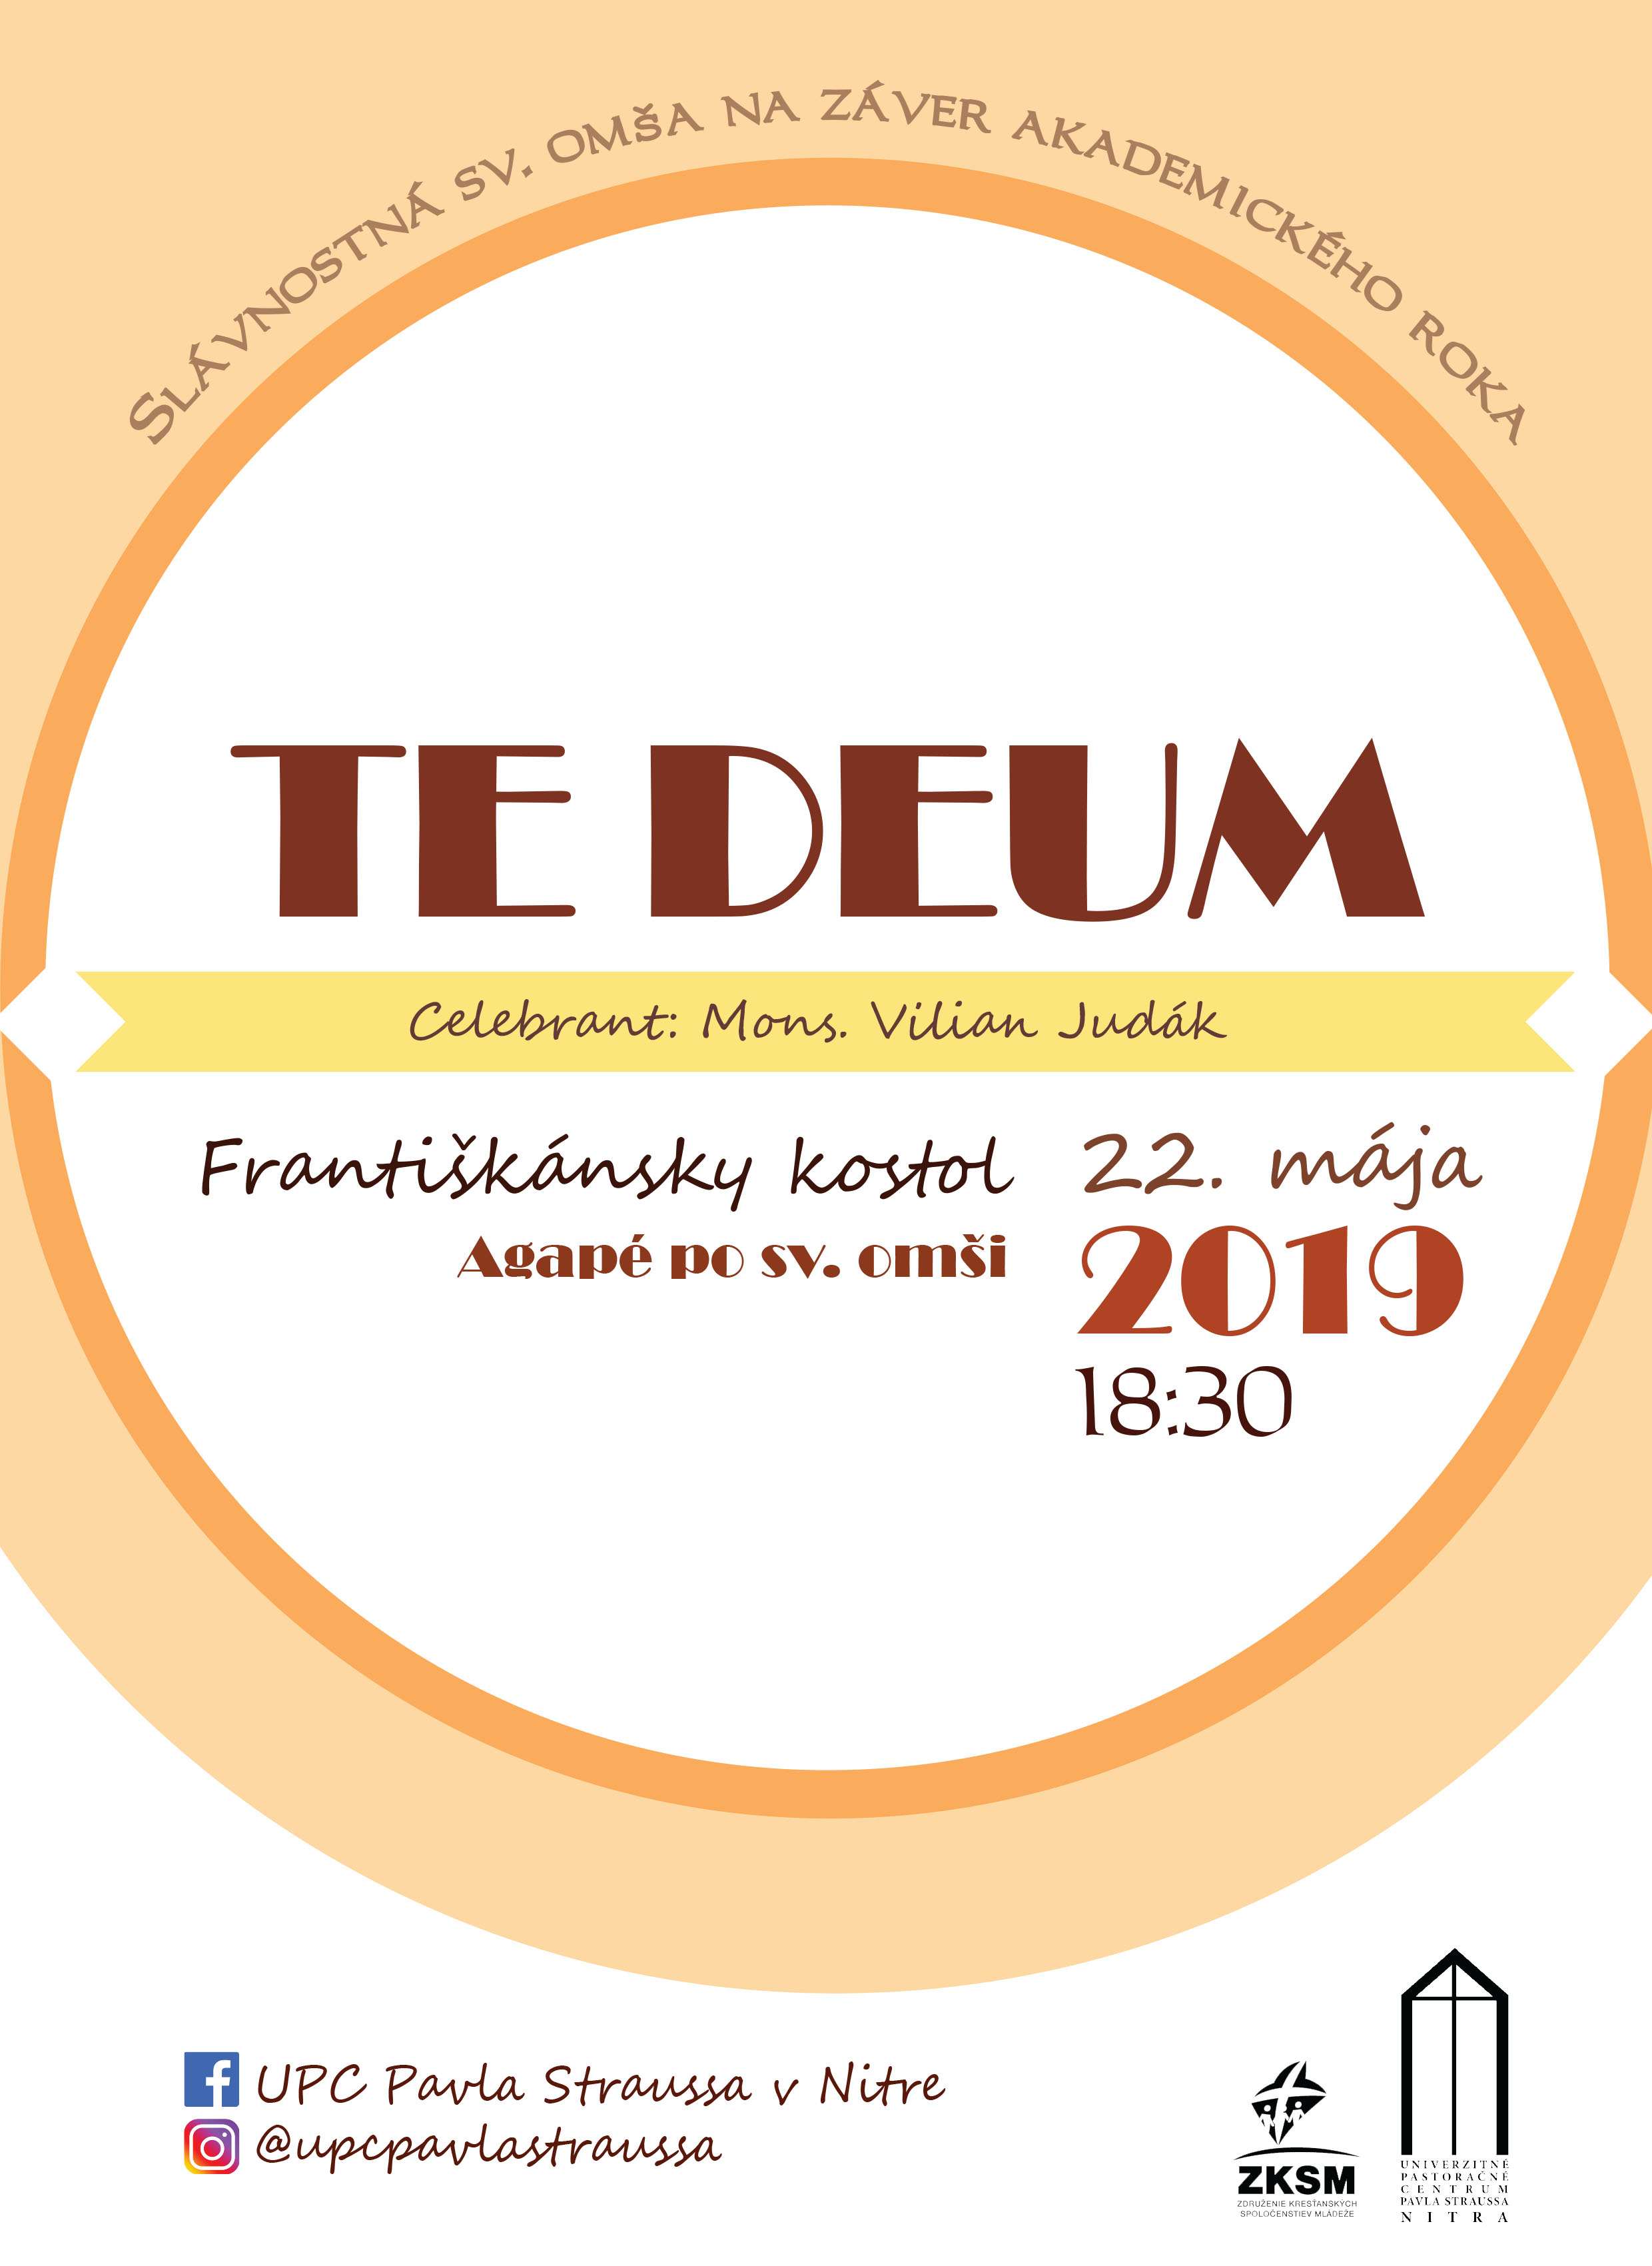 Tedeum 2019